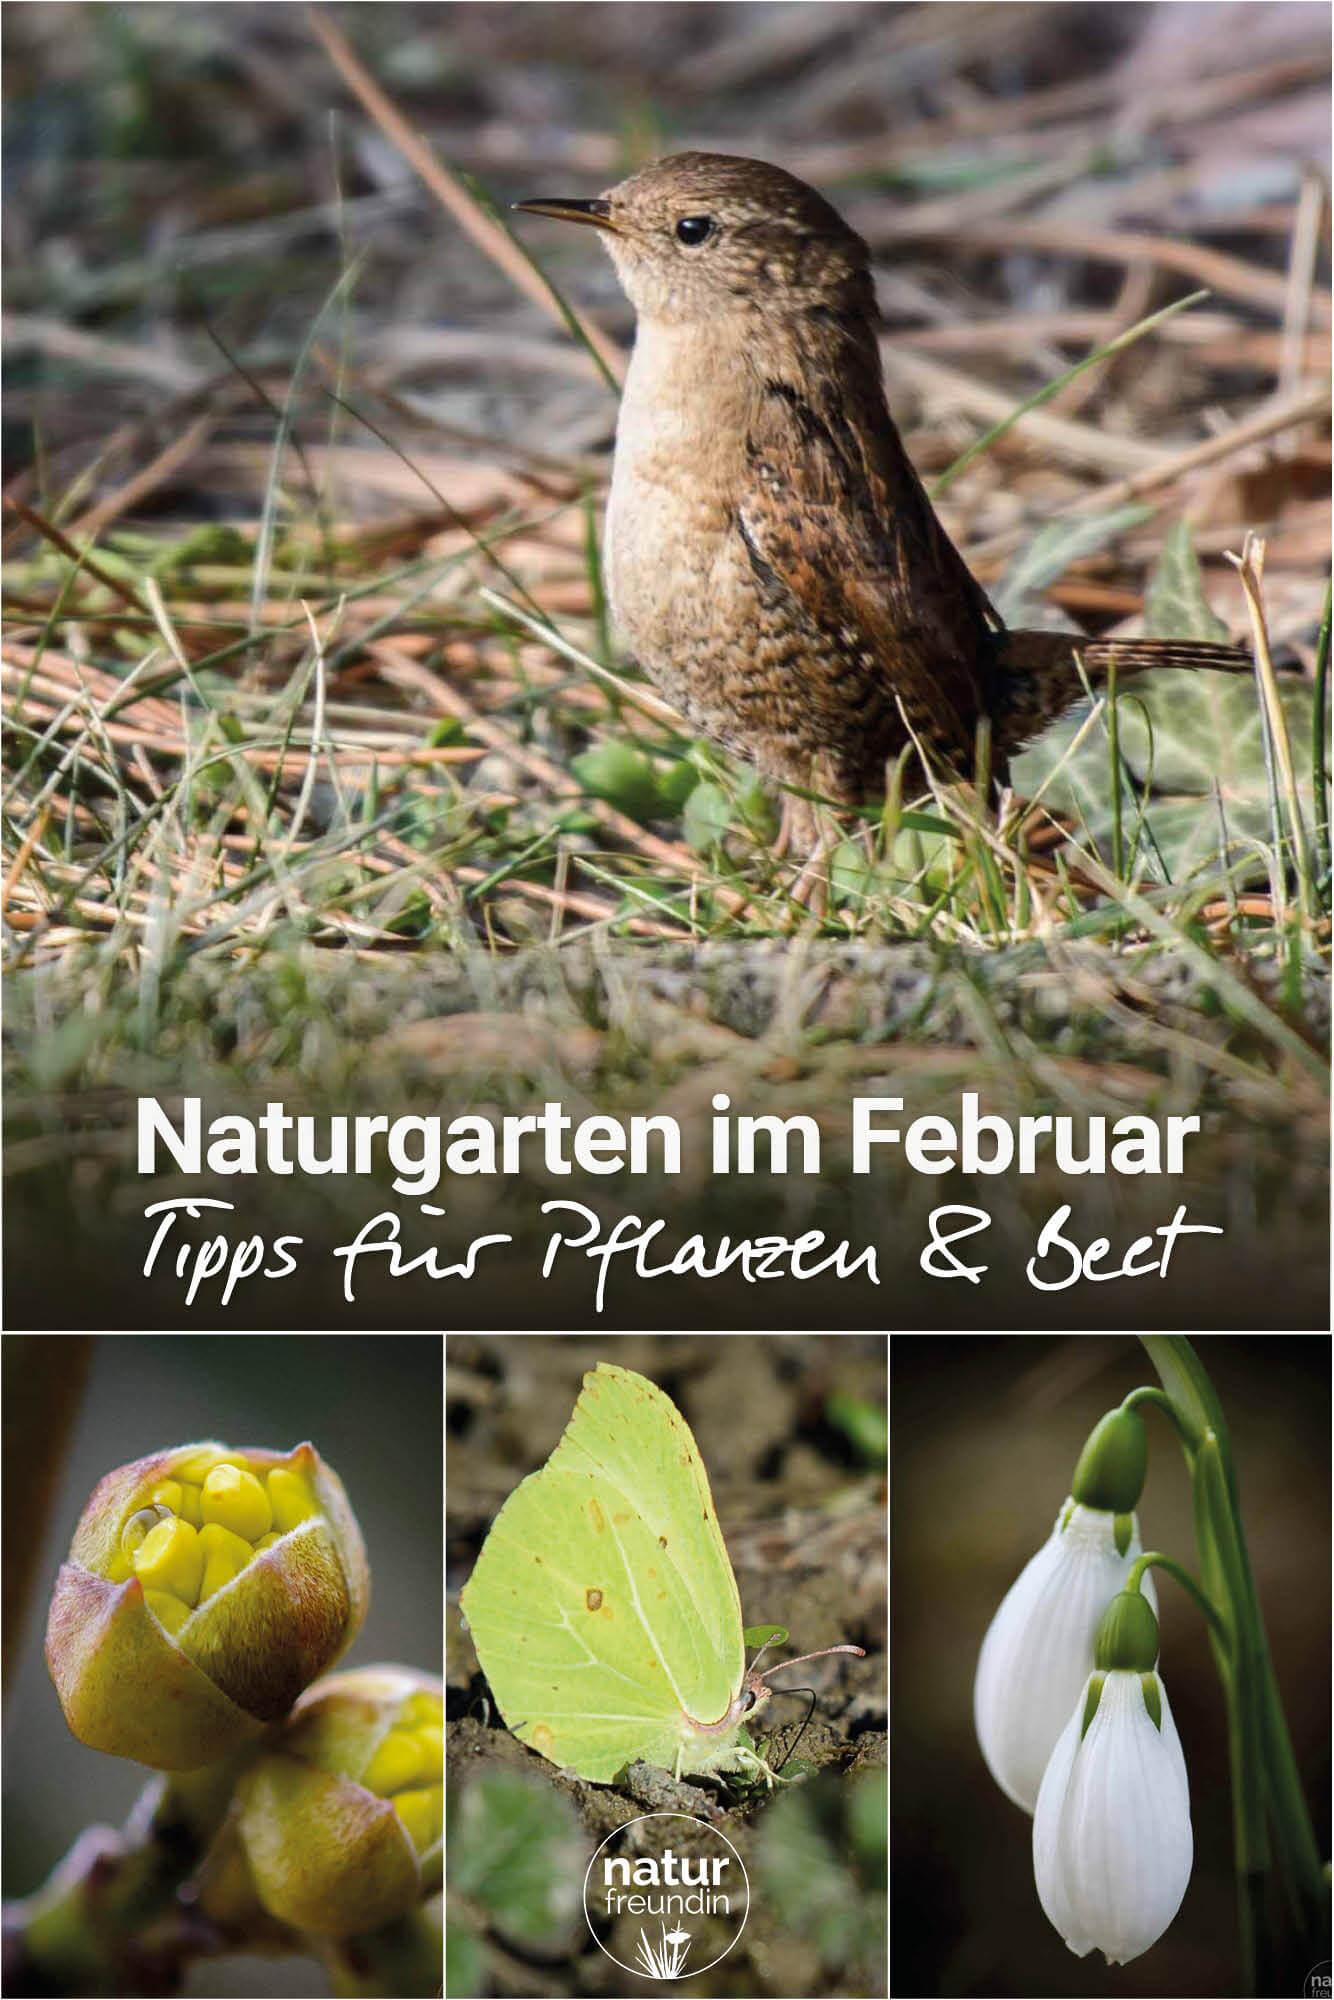 Naturgarten im Februar